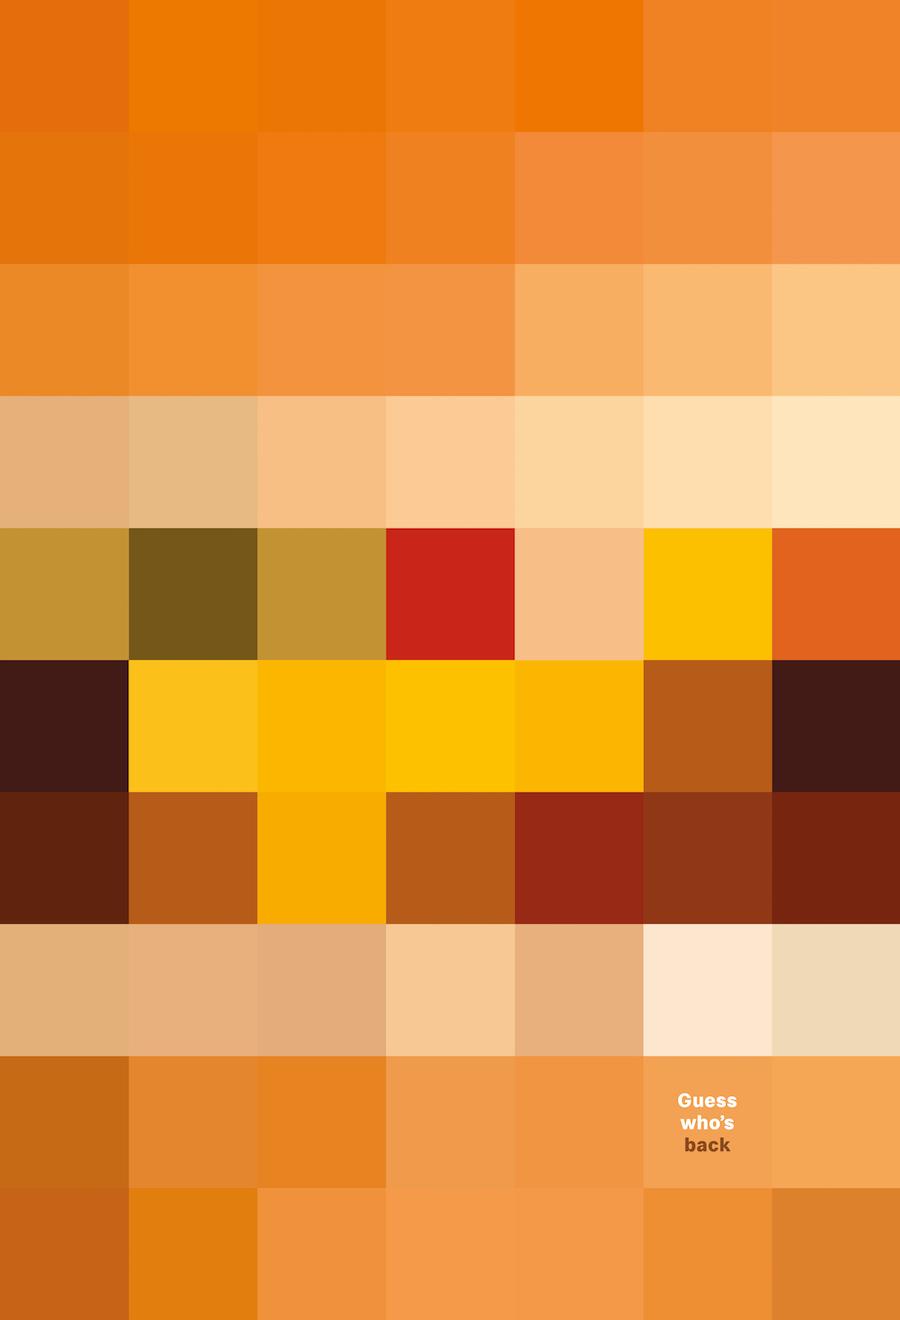 McDonald's Pixels - Cheeseburger